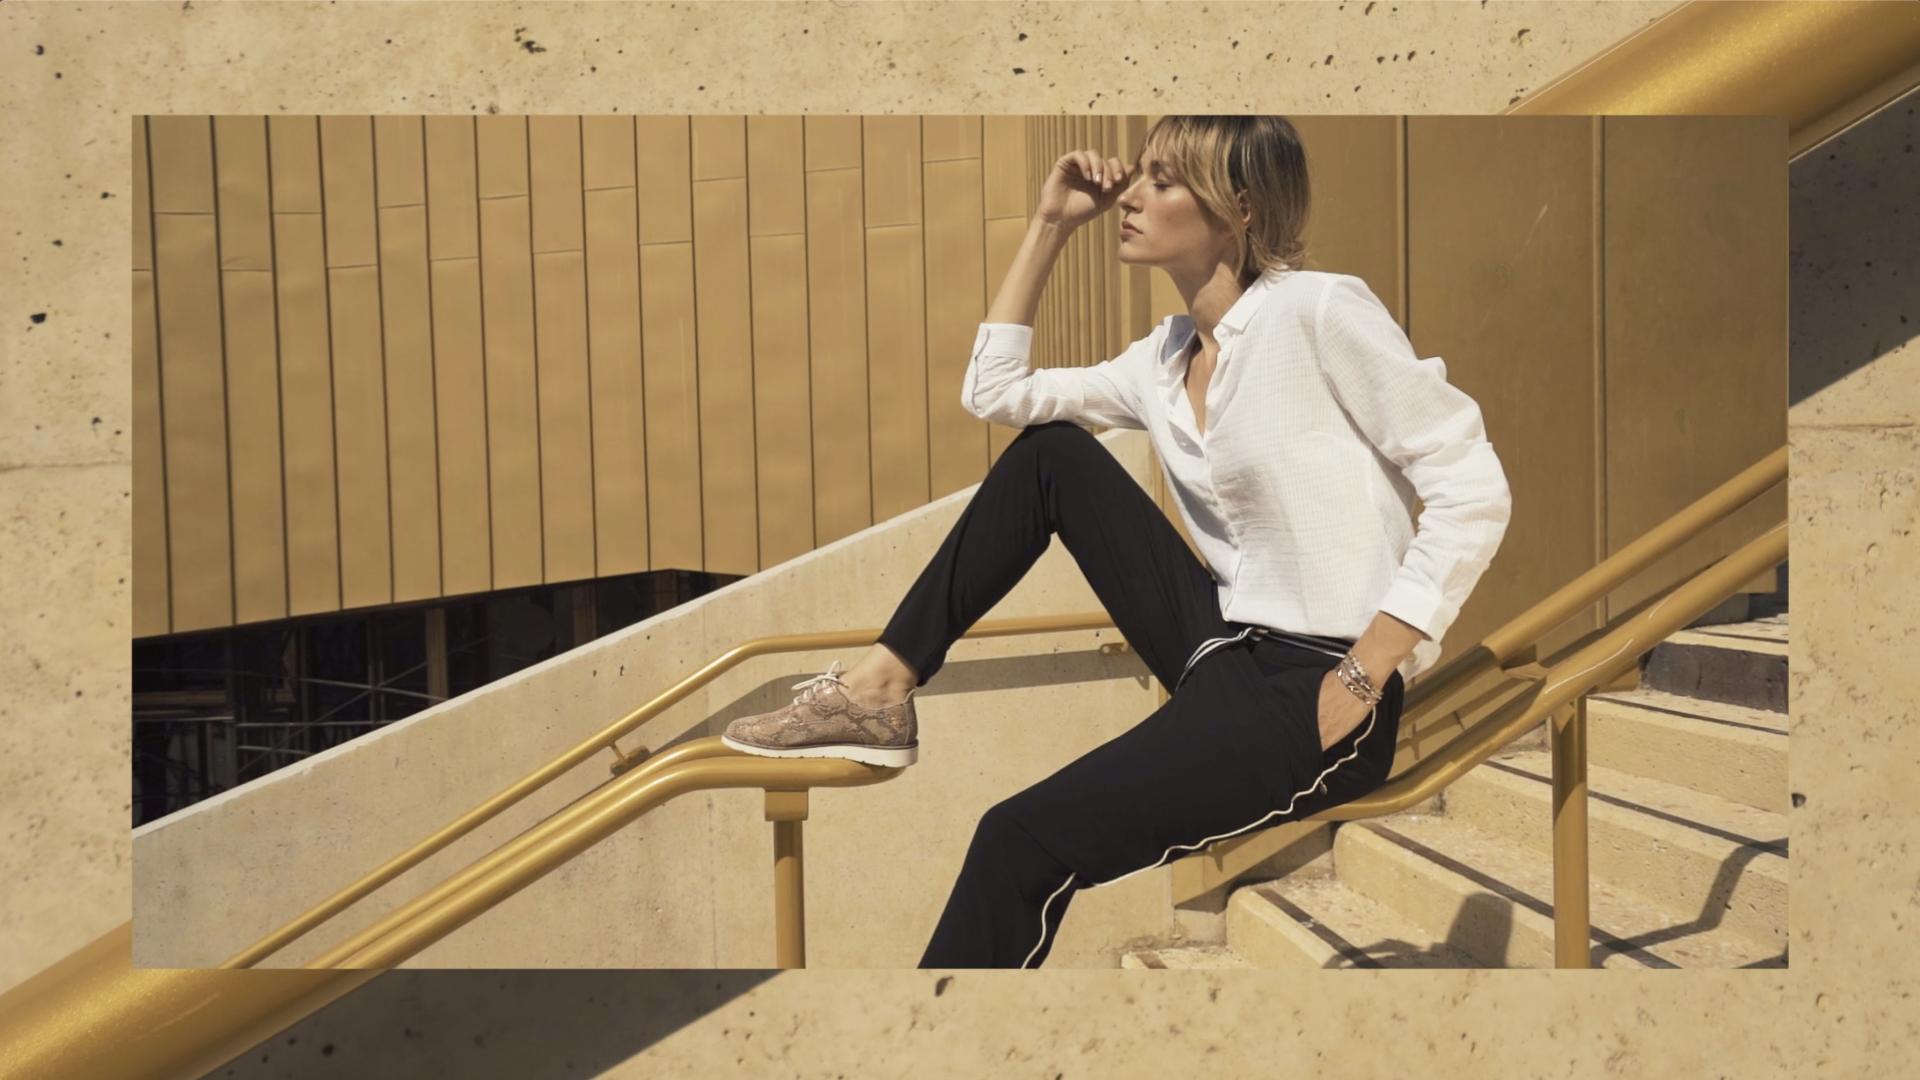 Femme décontractée qui pose dans des escaliers assise sur une rambarde